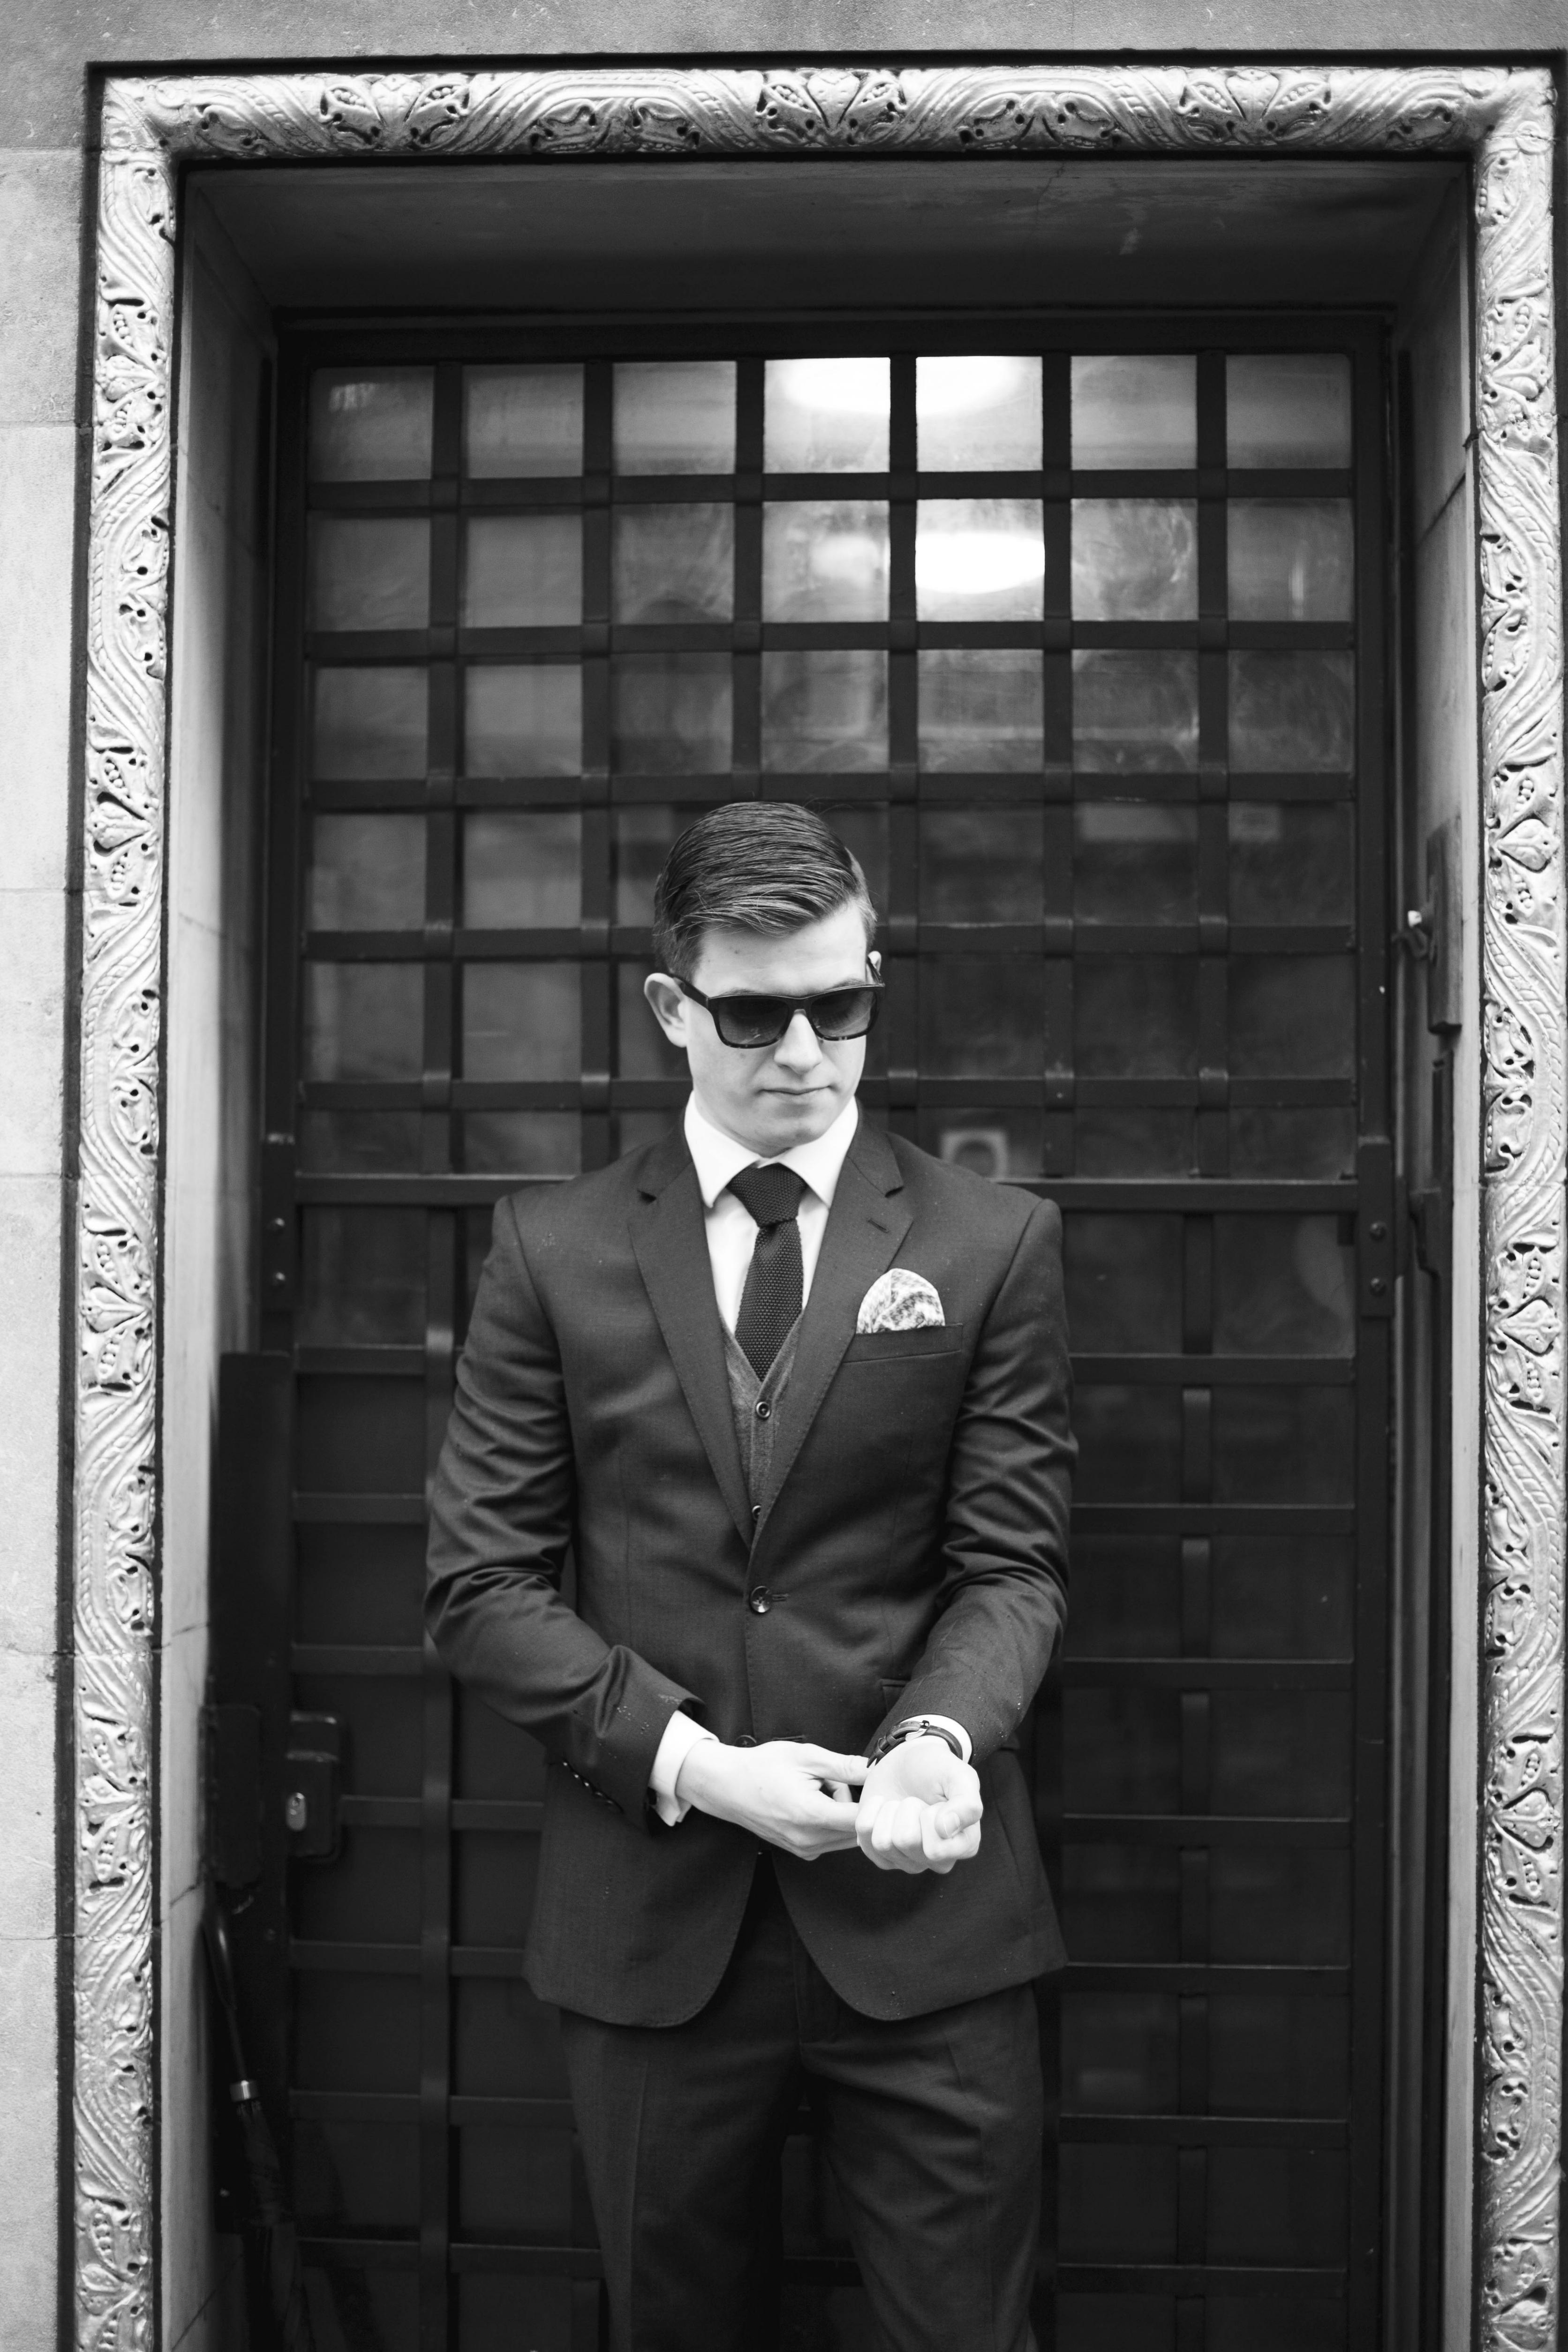 Men's Style - Tailoring Knitwear 12